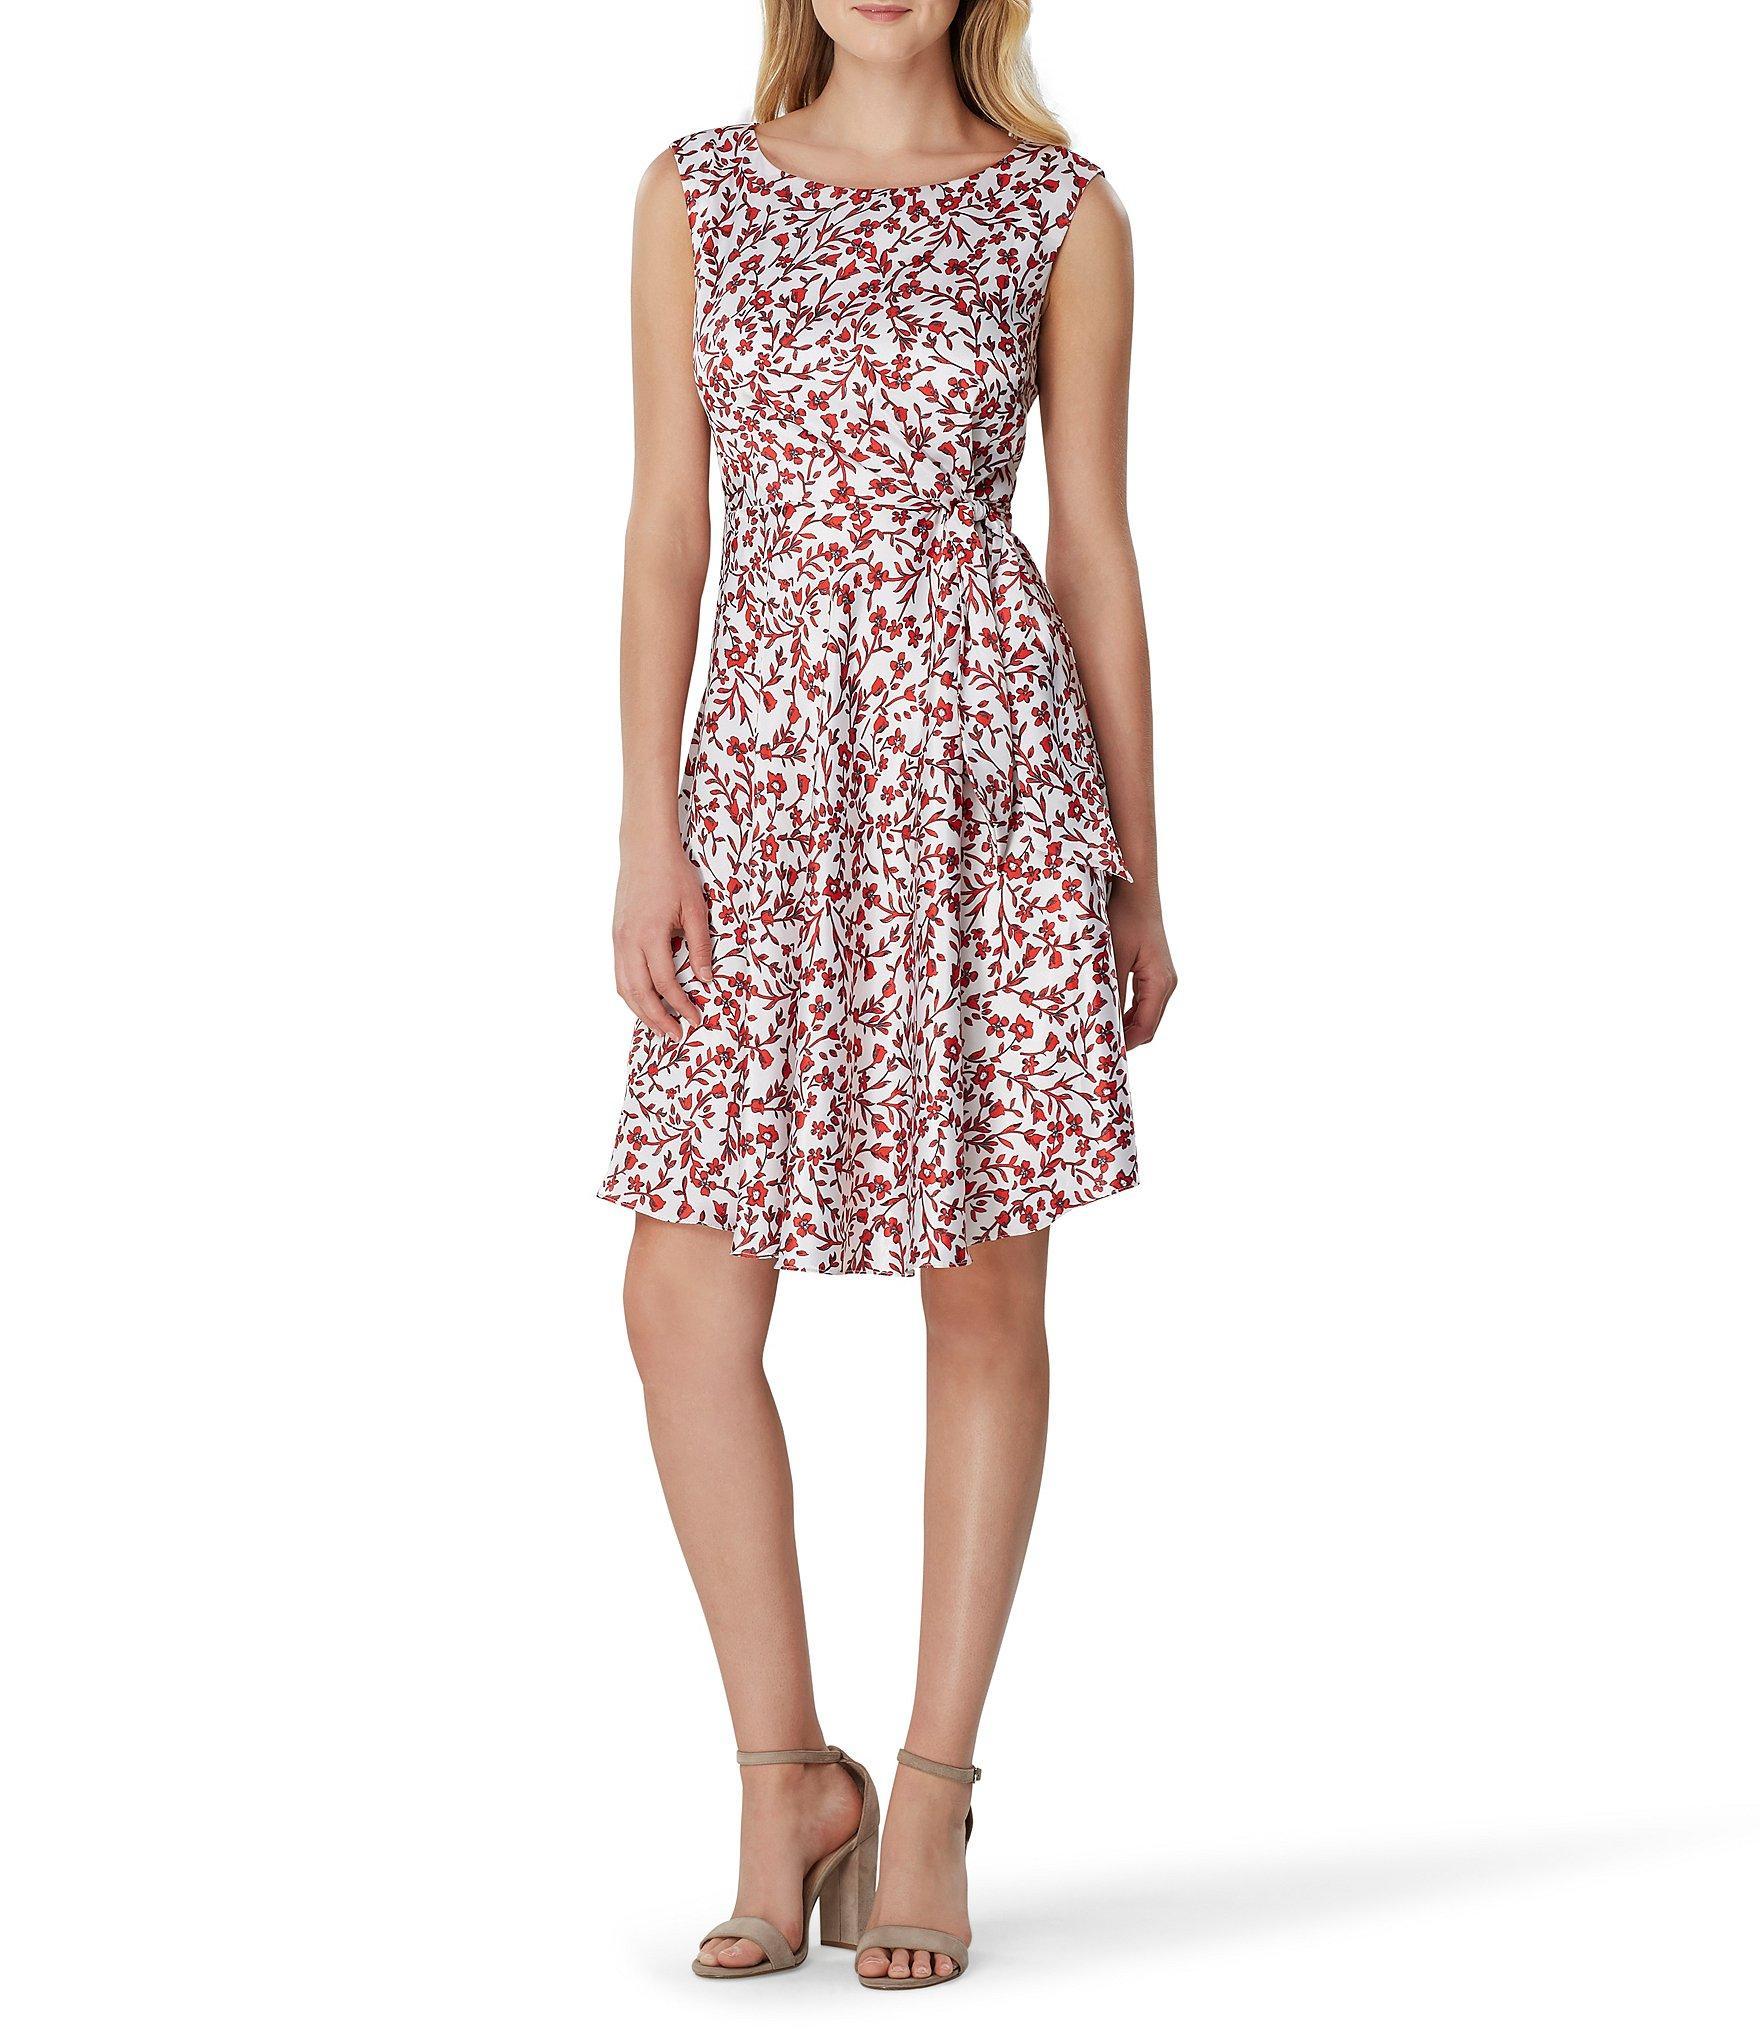 d782b7c0428 Lyst - Tahari Side Tie Floral A-line Dress